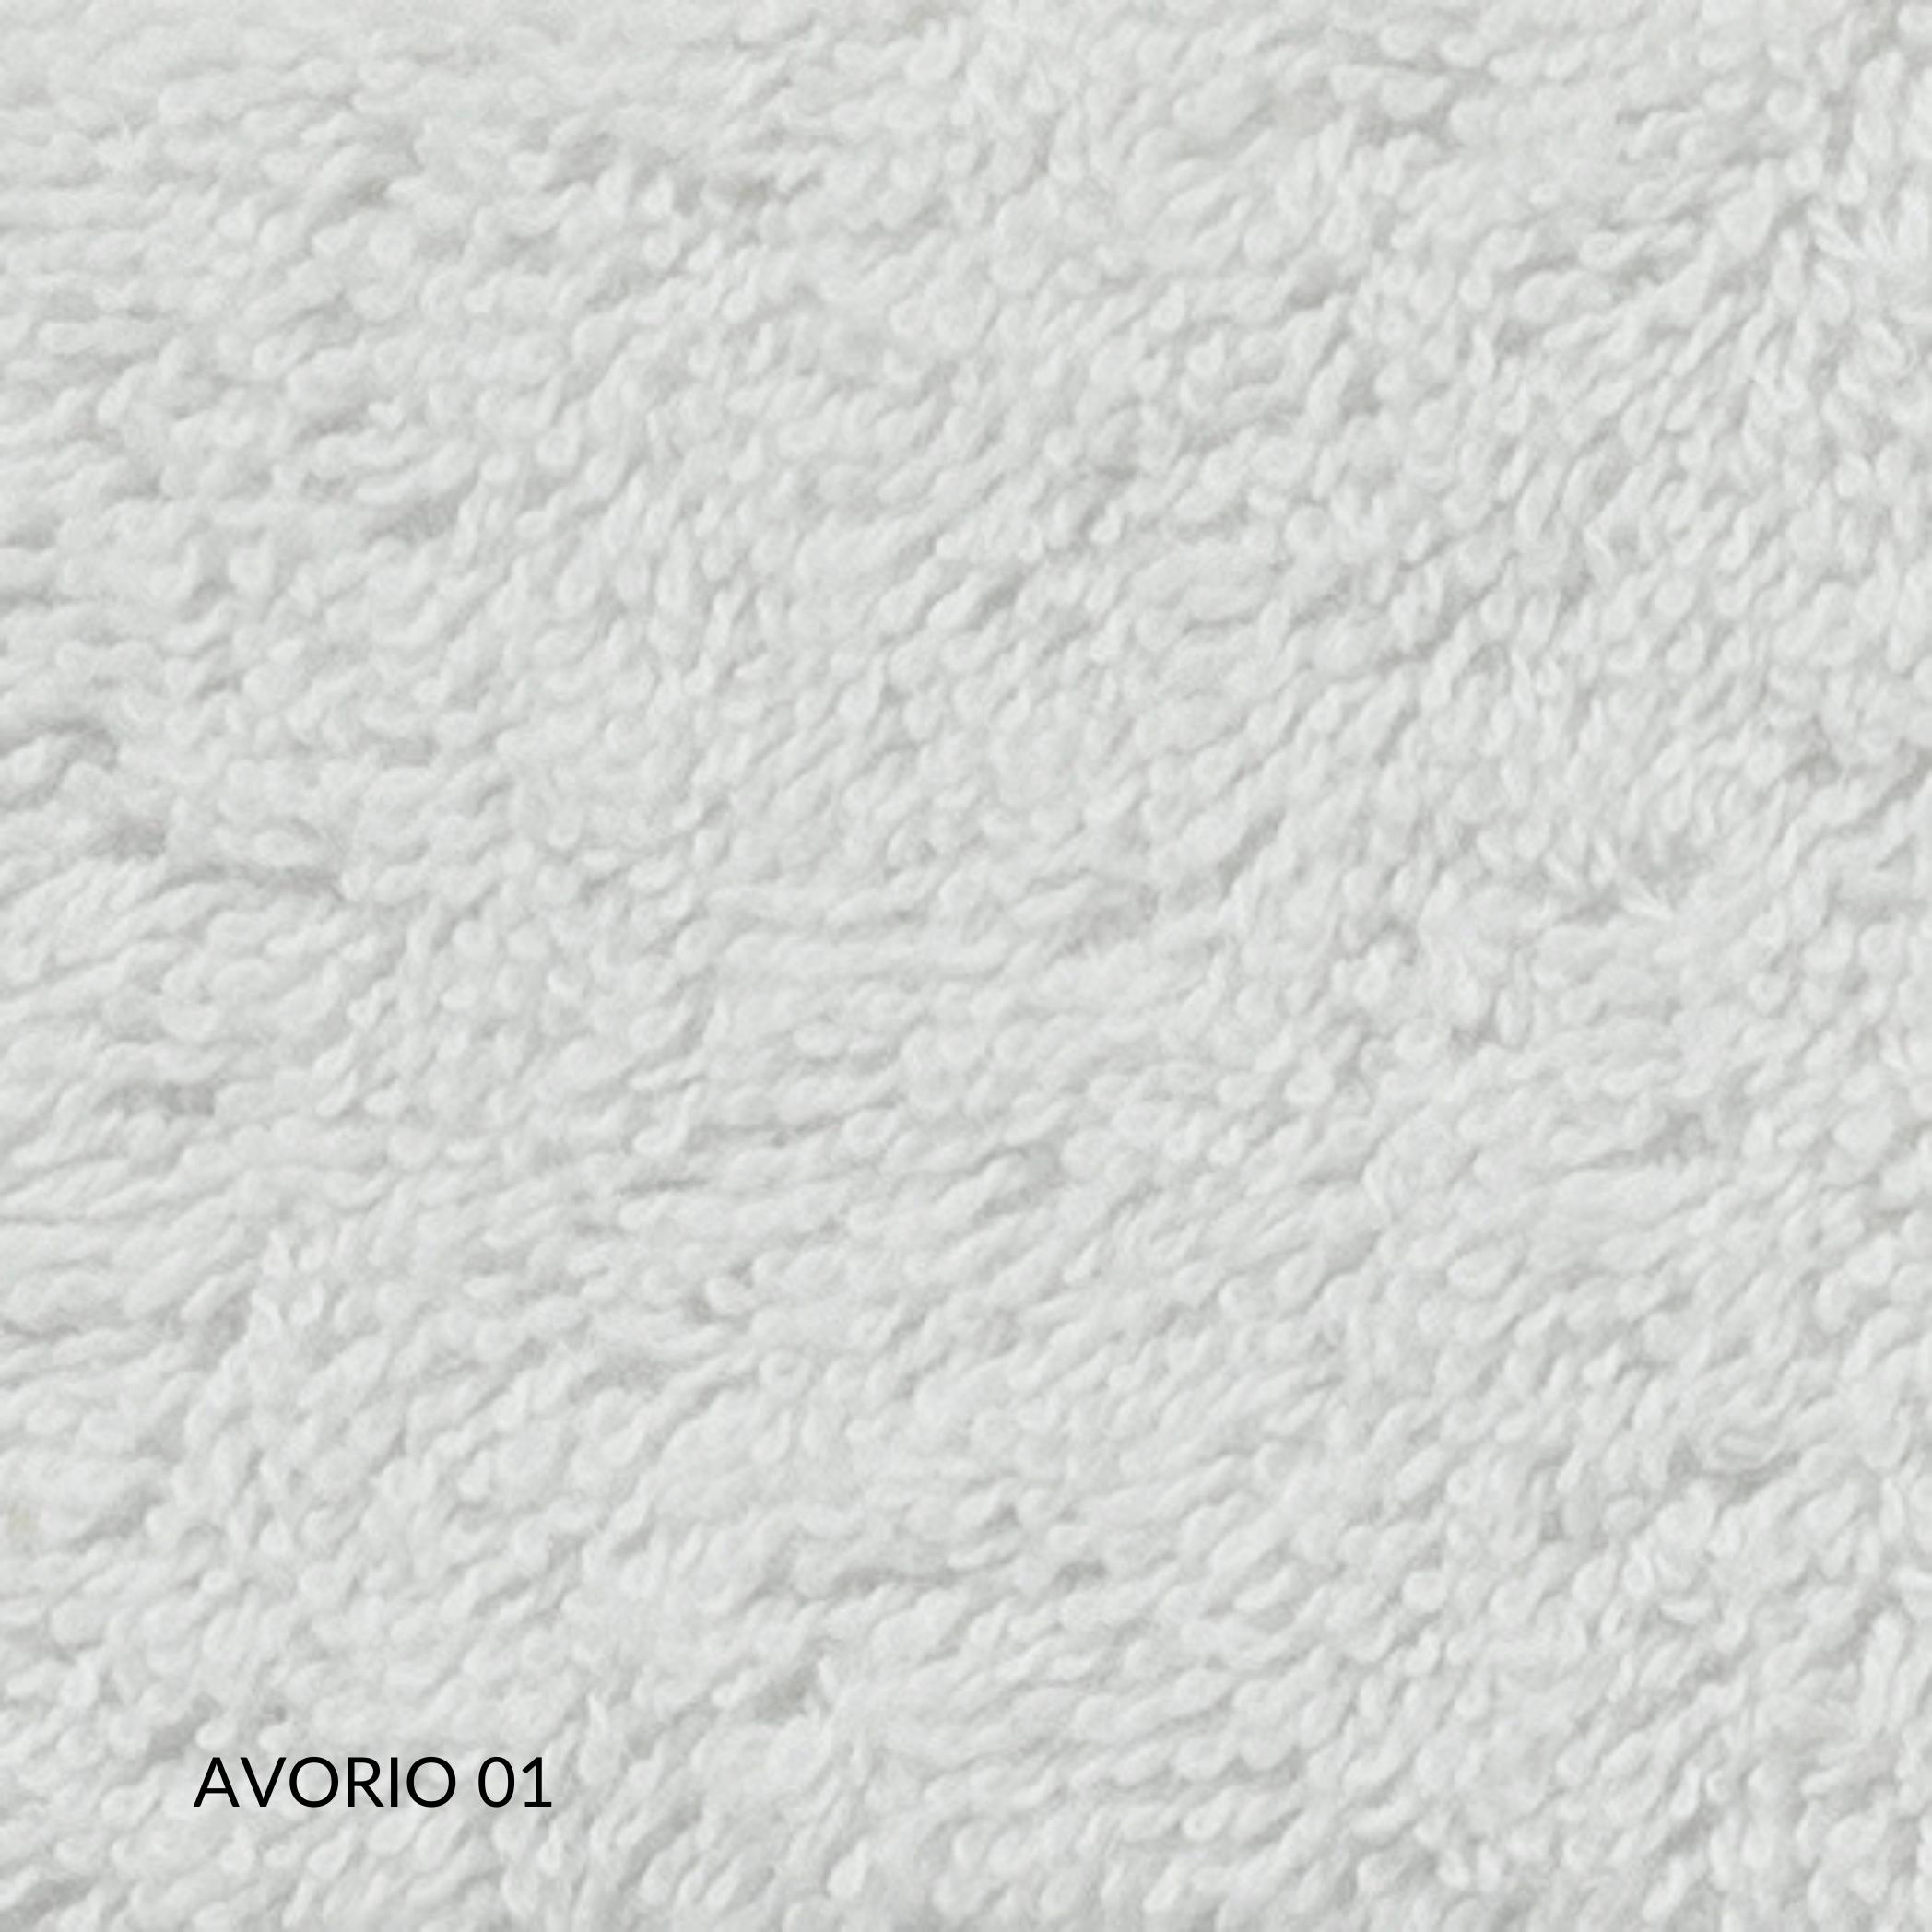 Telo da Bagno 100 x 150 cm in 100% Puro Cotone Naturale, Eccellenti Proprietà Assorbenti, Anallergico e Antibatterico, Decorazione Balza | NOEMI